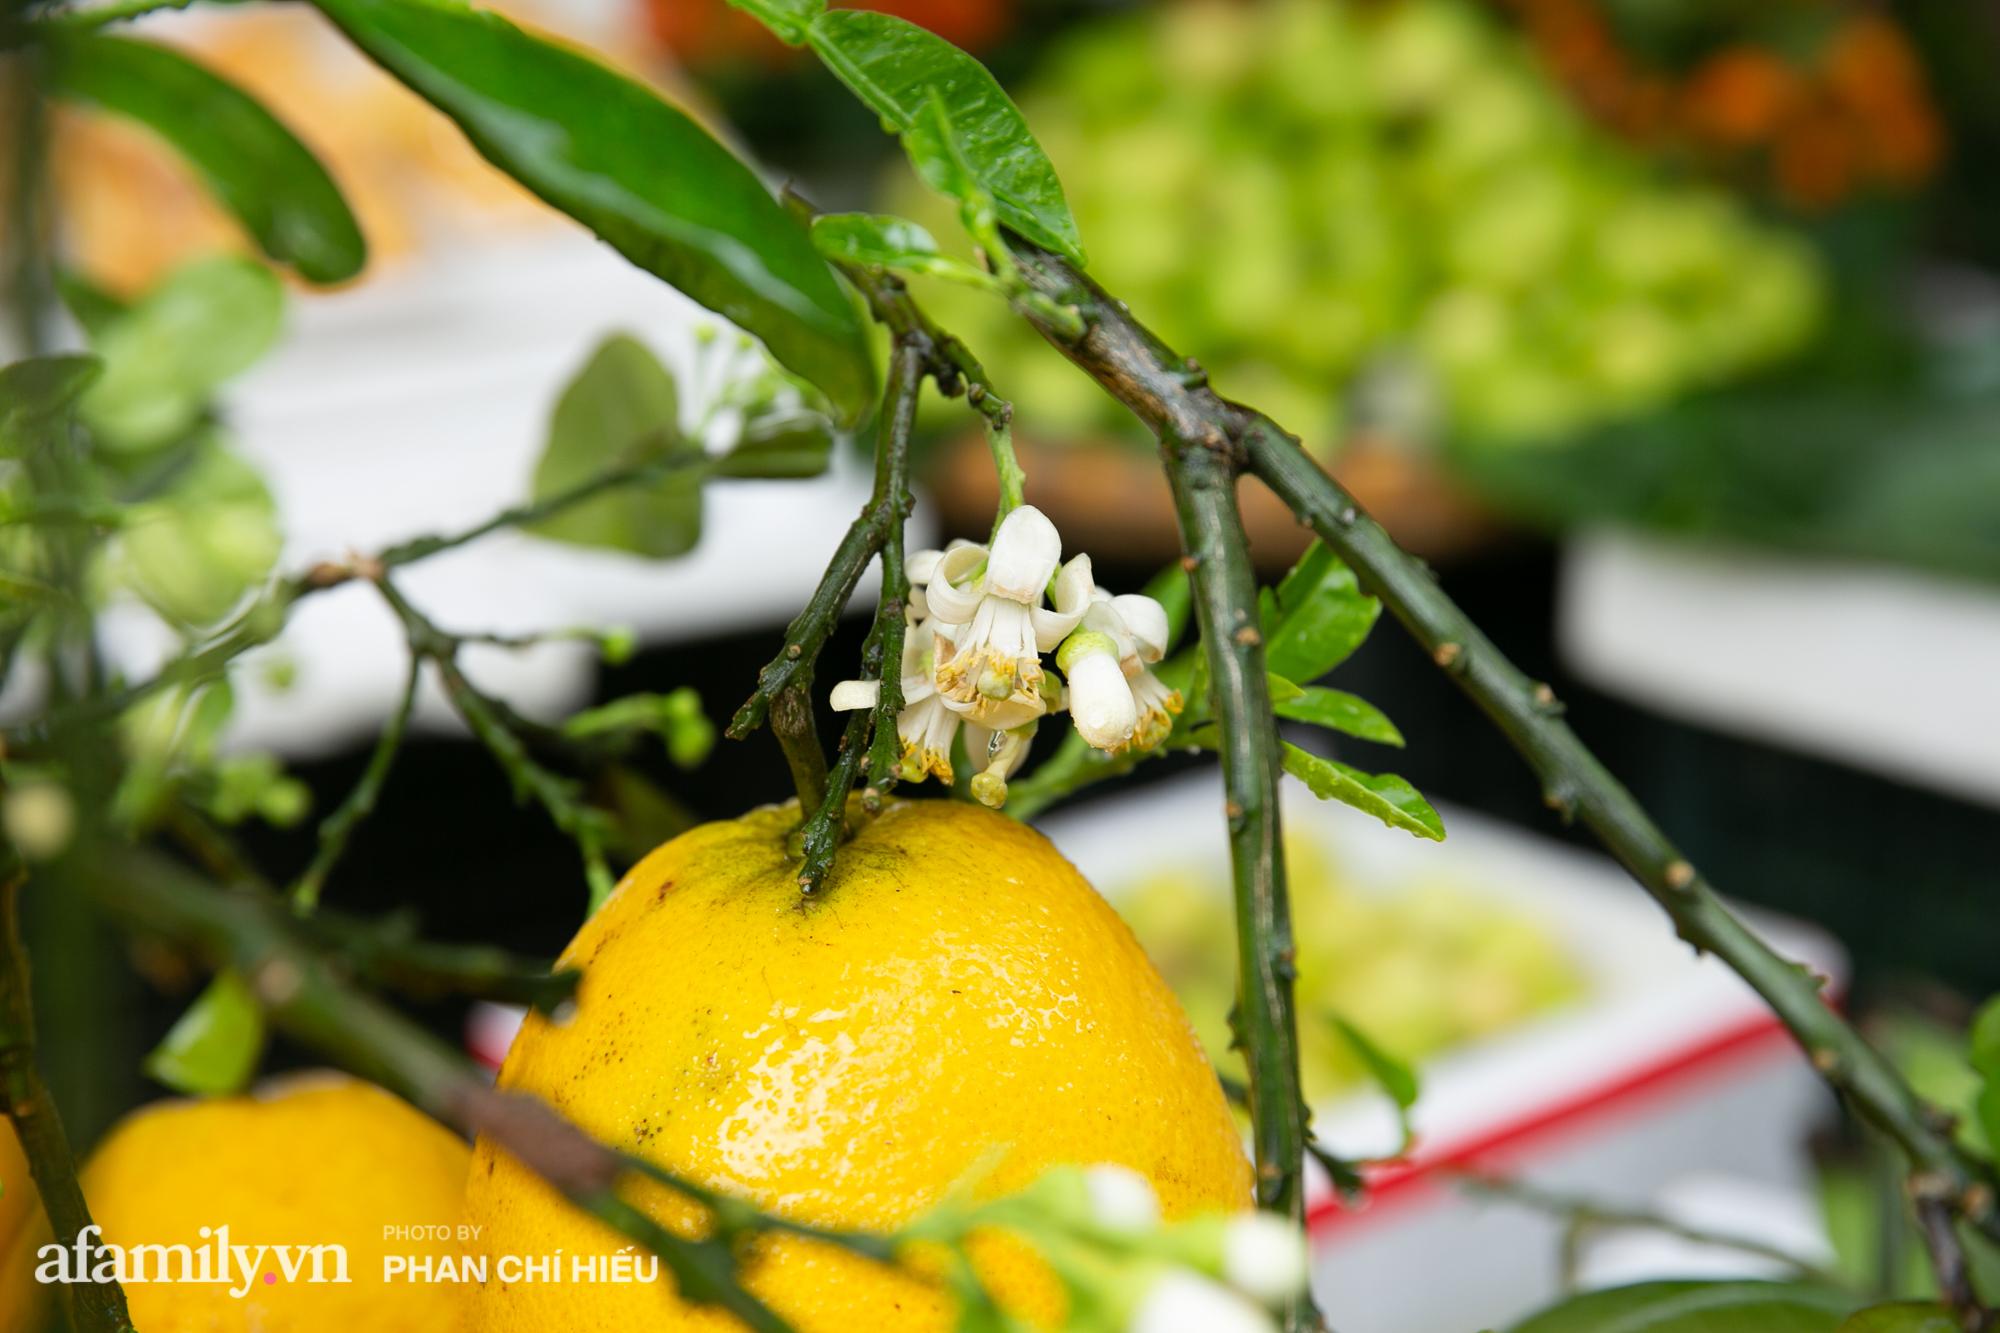 Hàng bưởi Diễn da vàng óng có từng búi hoa tươi trở thành món hàng siêu độc trên chợ nhà giàu Hà Nội, tận 100k/quả, bà chủ thu cả chục triệu mỗi ngày!  - Ảnh 3.